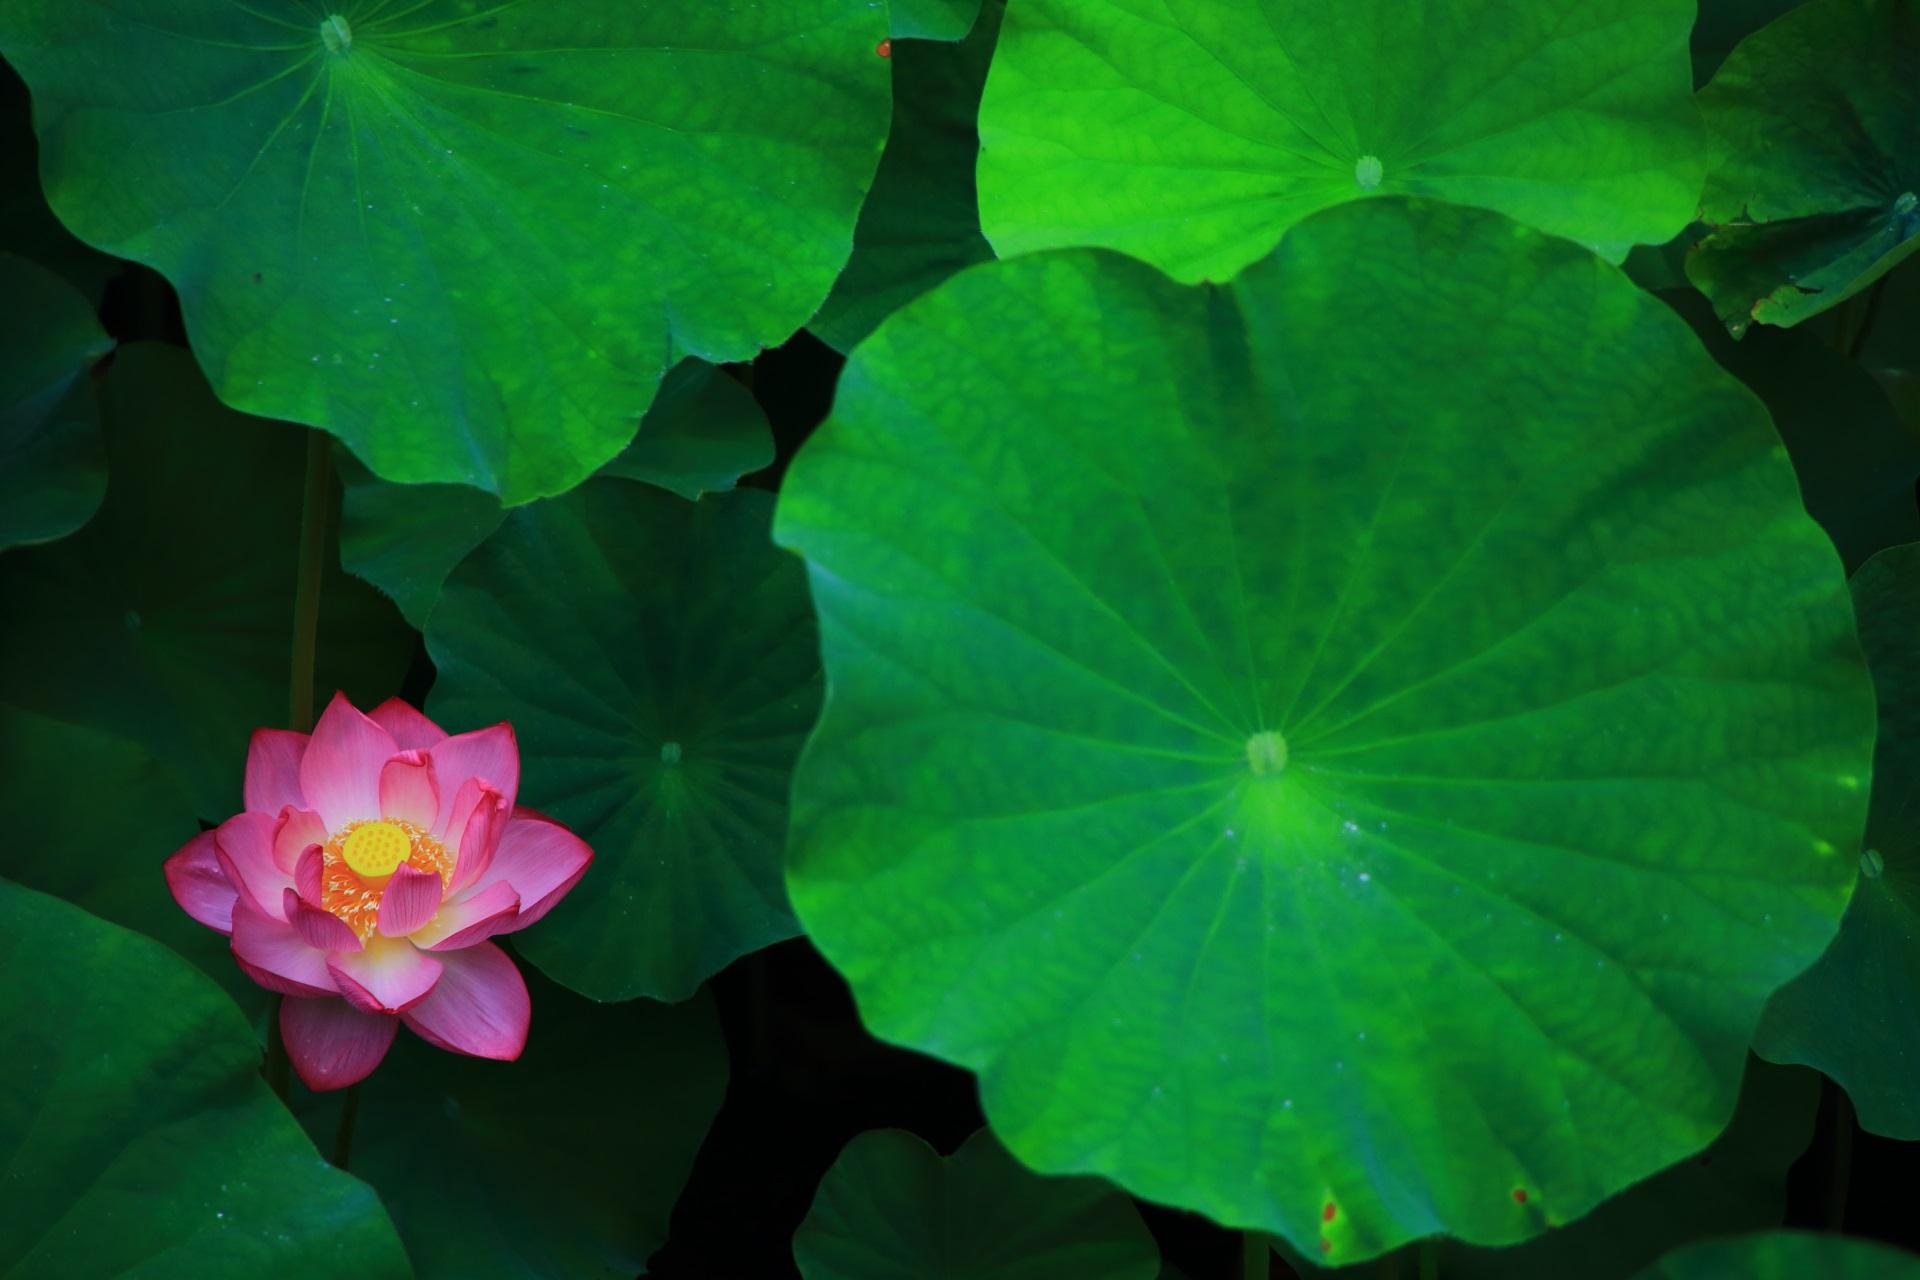 大谷本廟(おおたにほんびょう)の綺麗な丸い蓮の葉と花